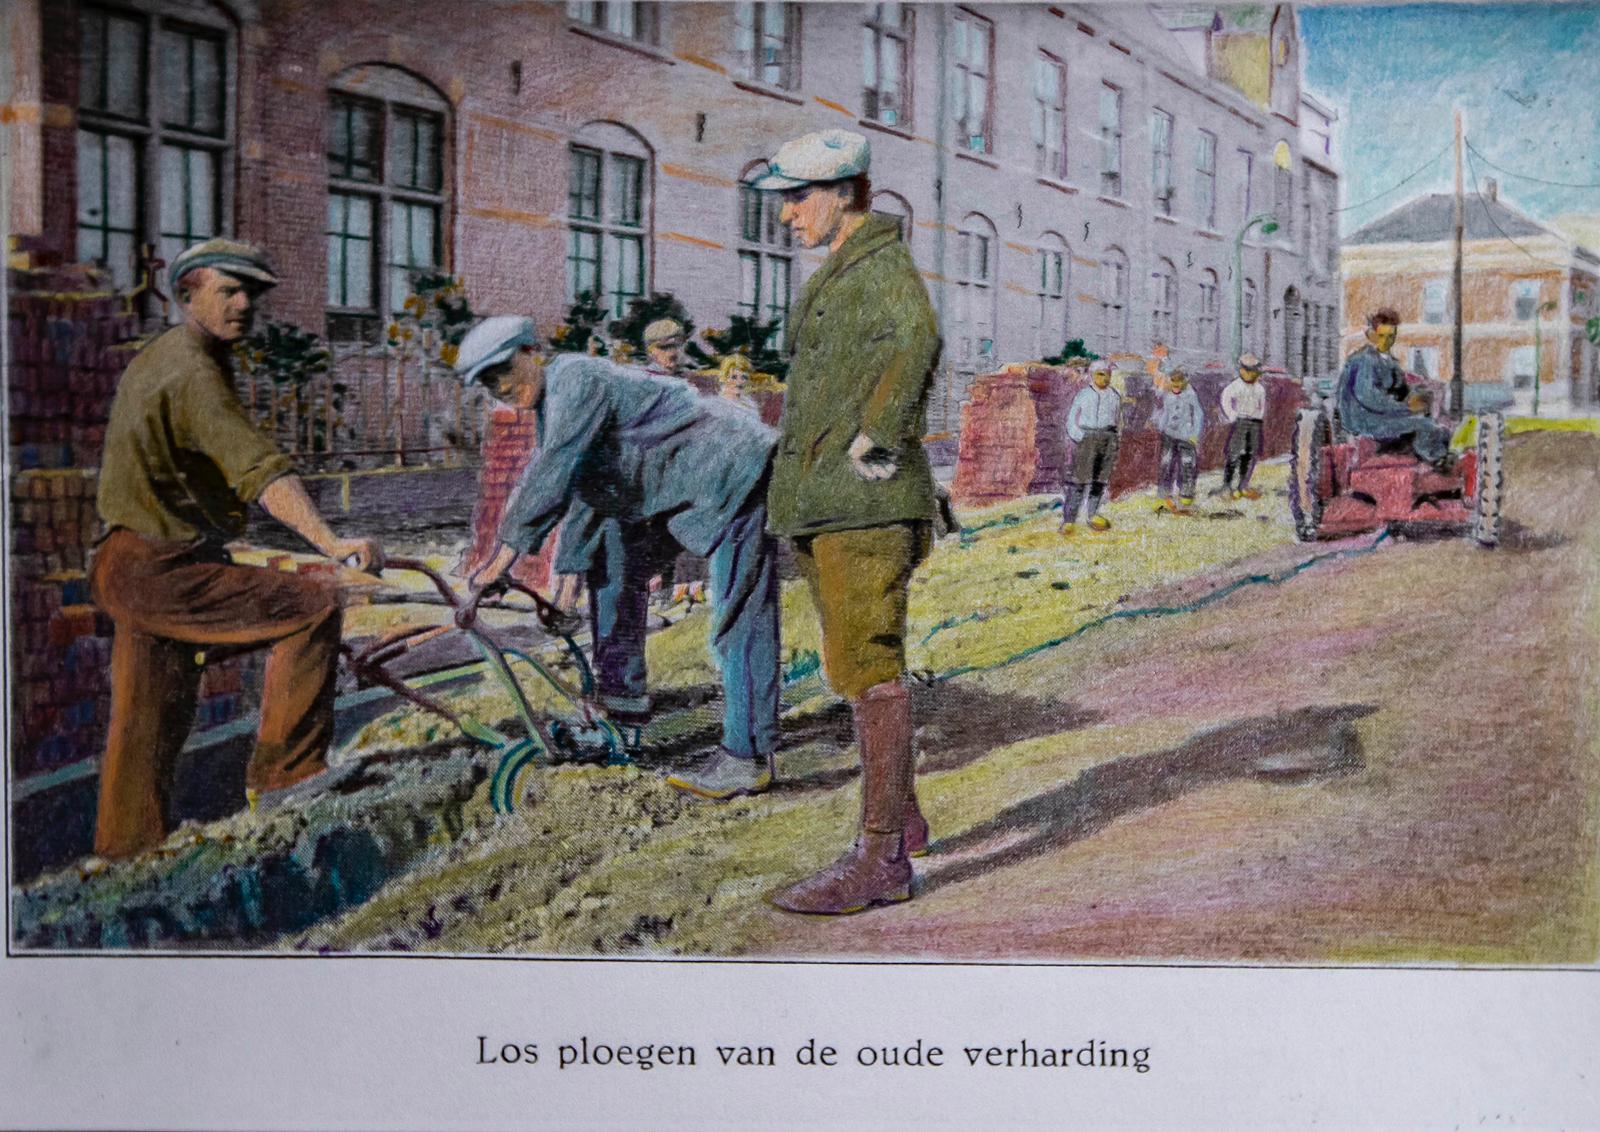 181227 Artistiek geretoucheerde foto Los ploegen oude verharding